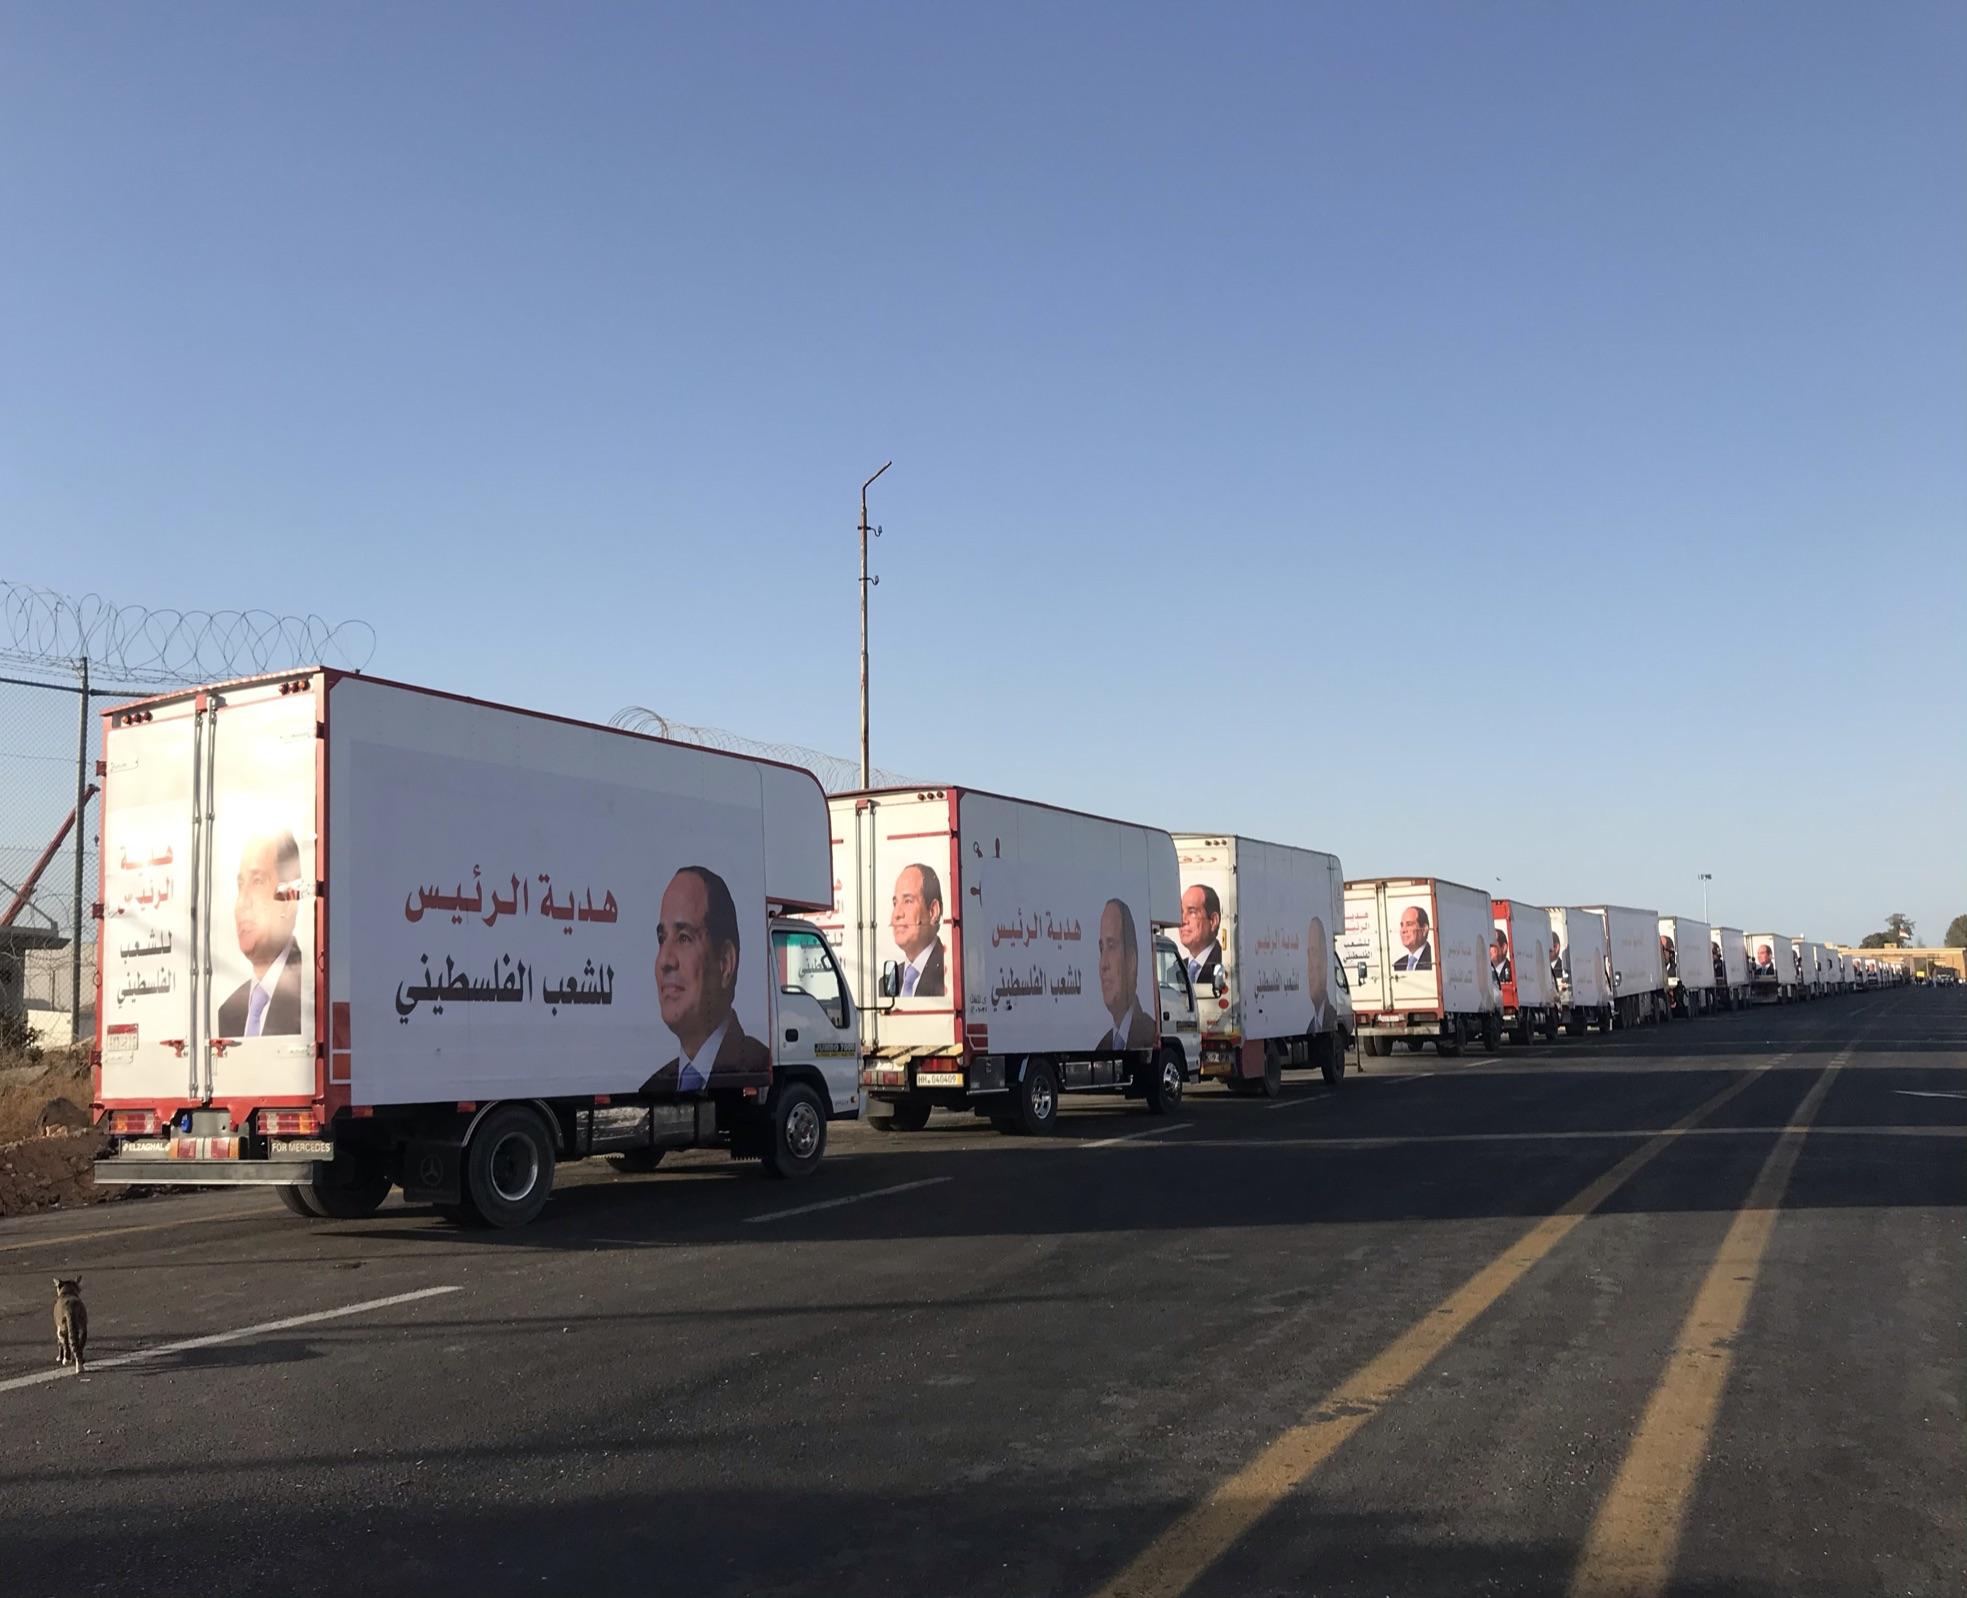 مساعدات مصرية تعبر للجانب الفلسطينى من منفذ رفح